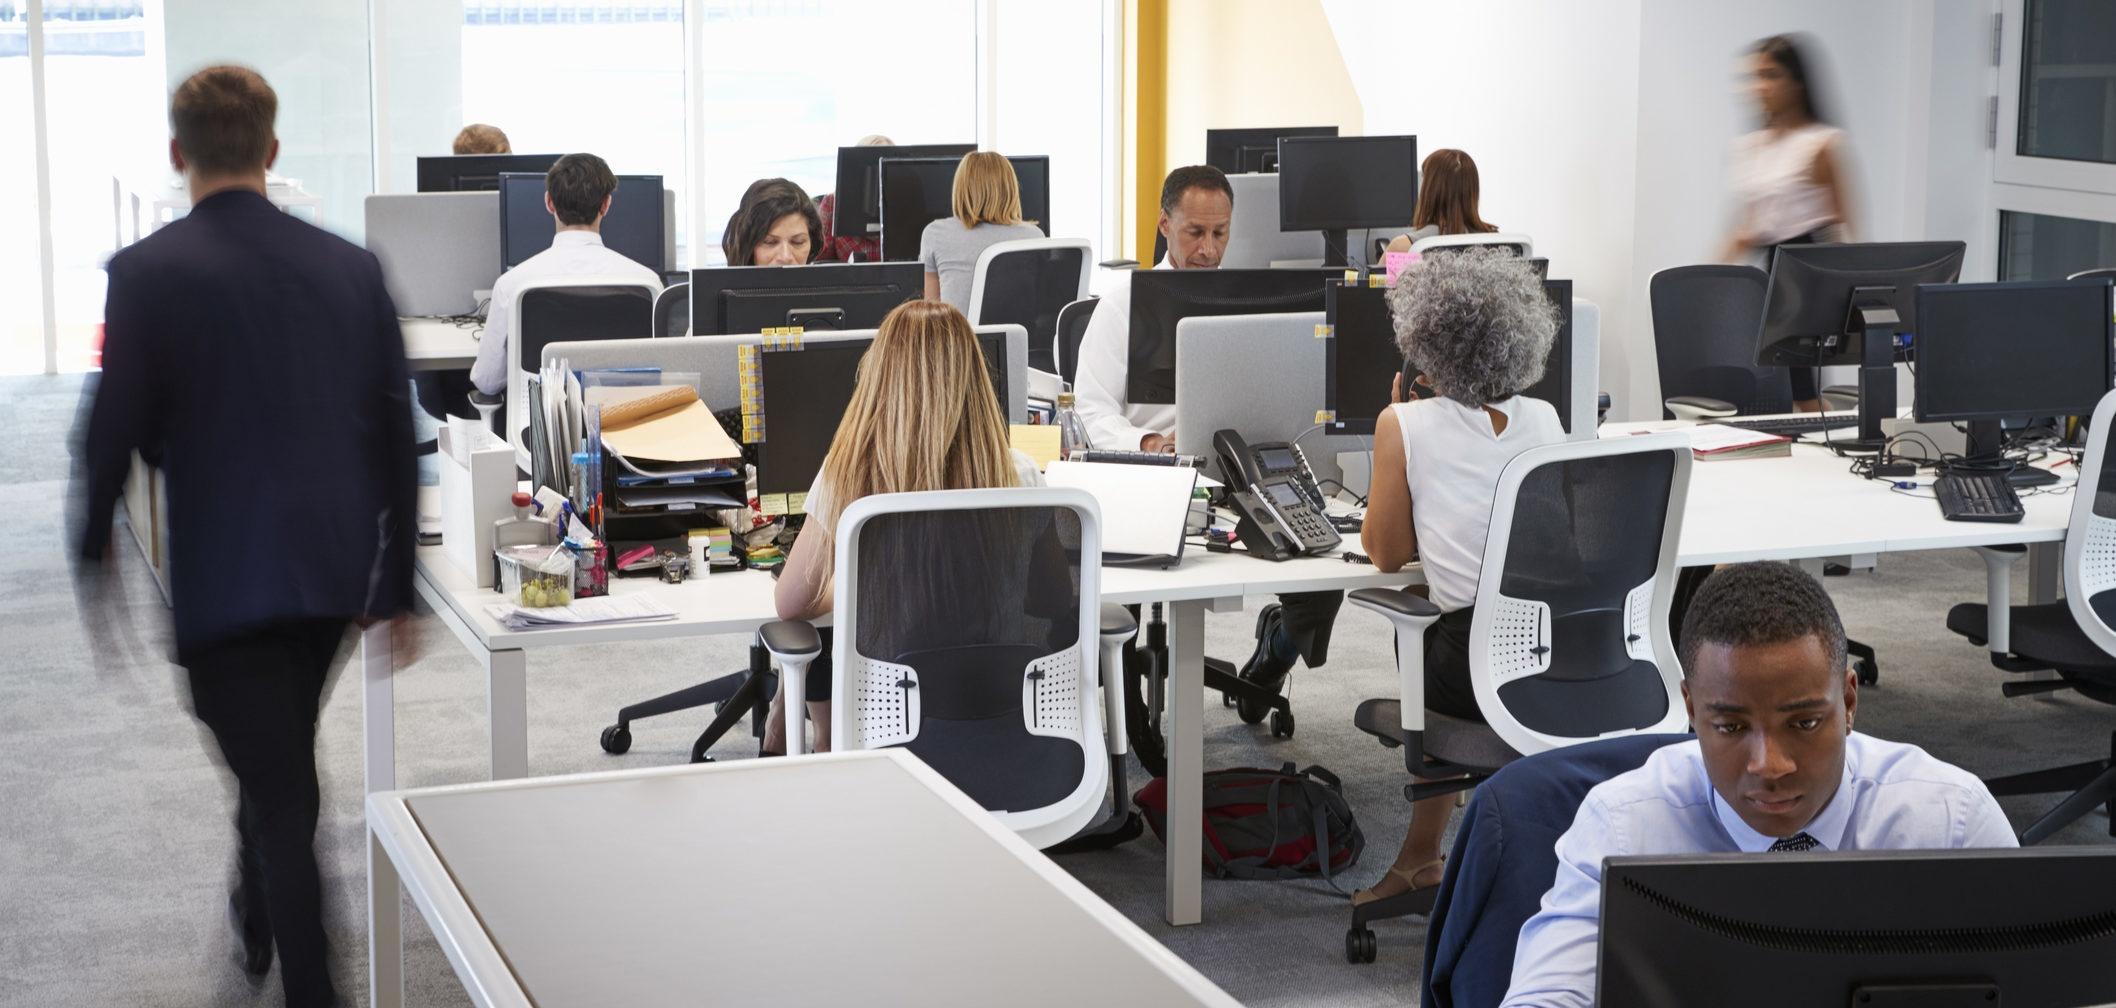 funcionários a trabalhar num escritório open space